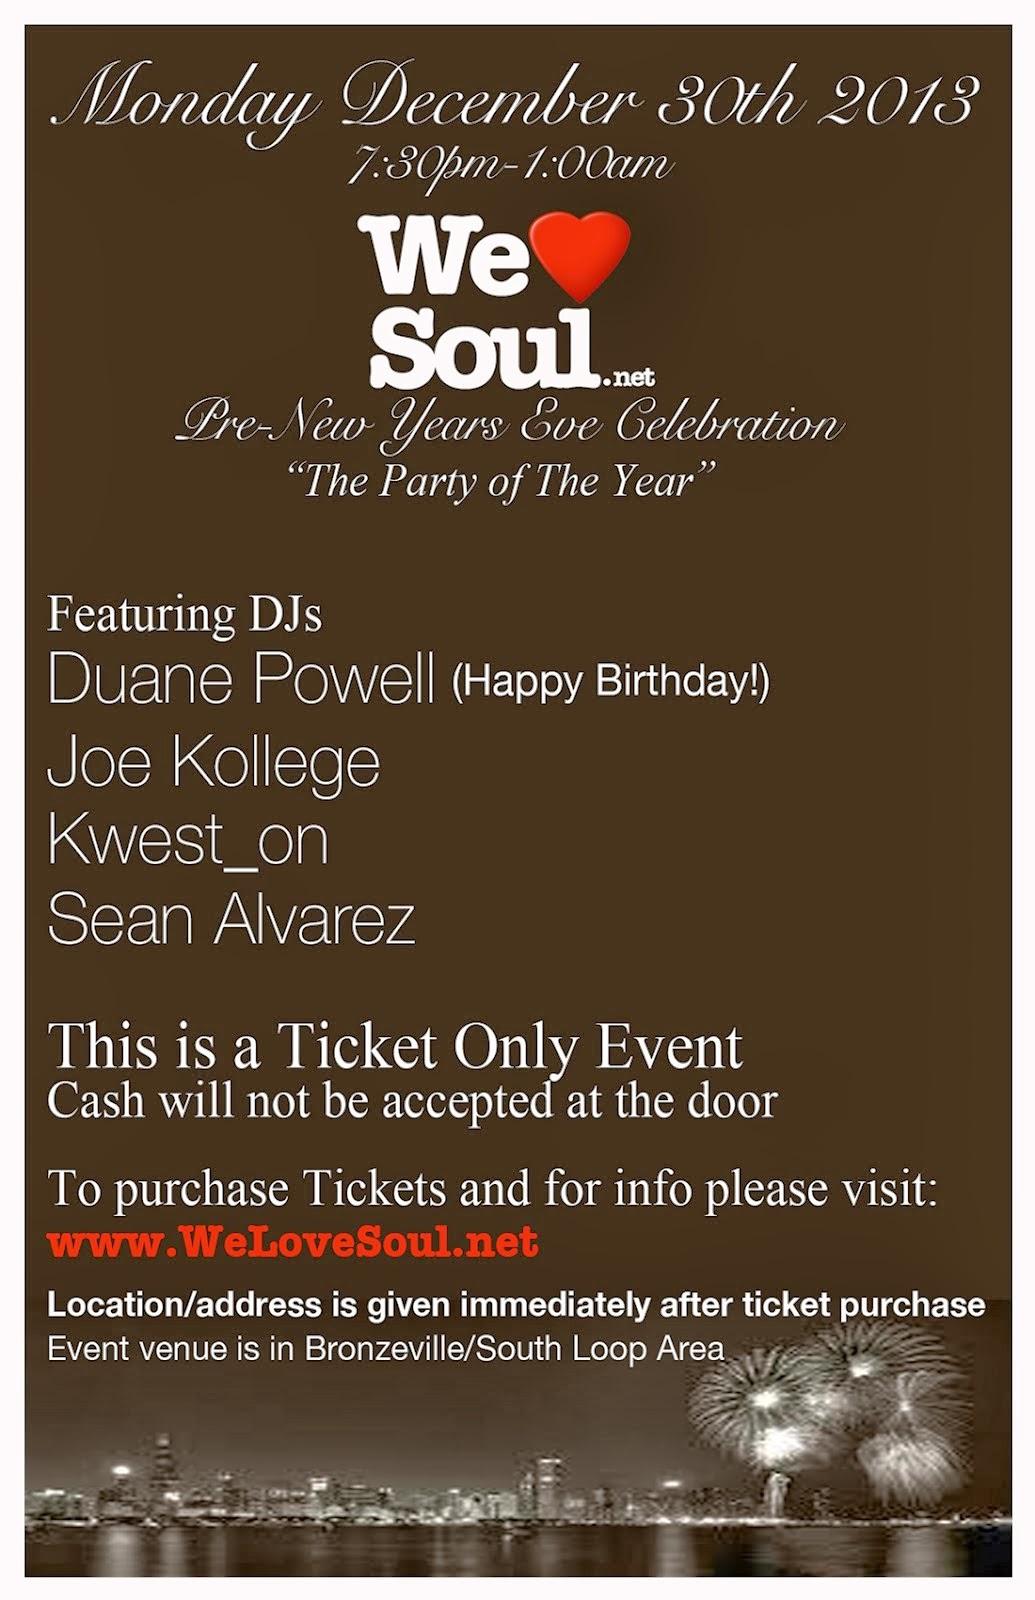 Mon 12/30: WLS PreNYE Celebration